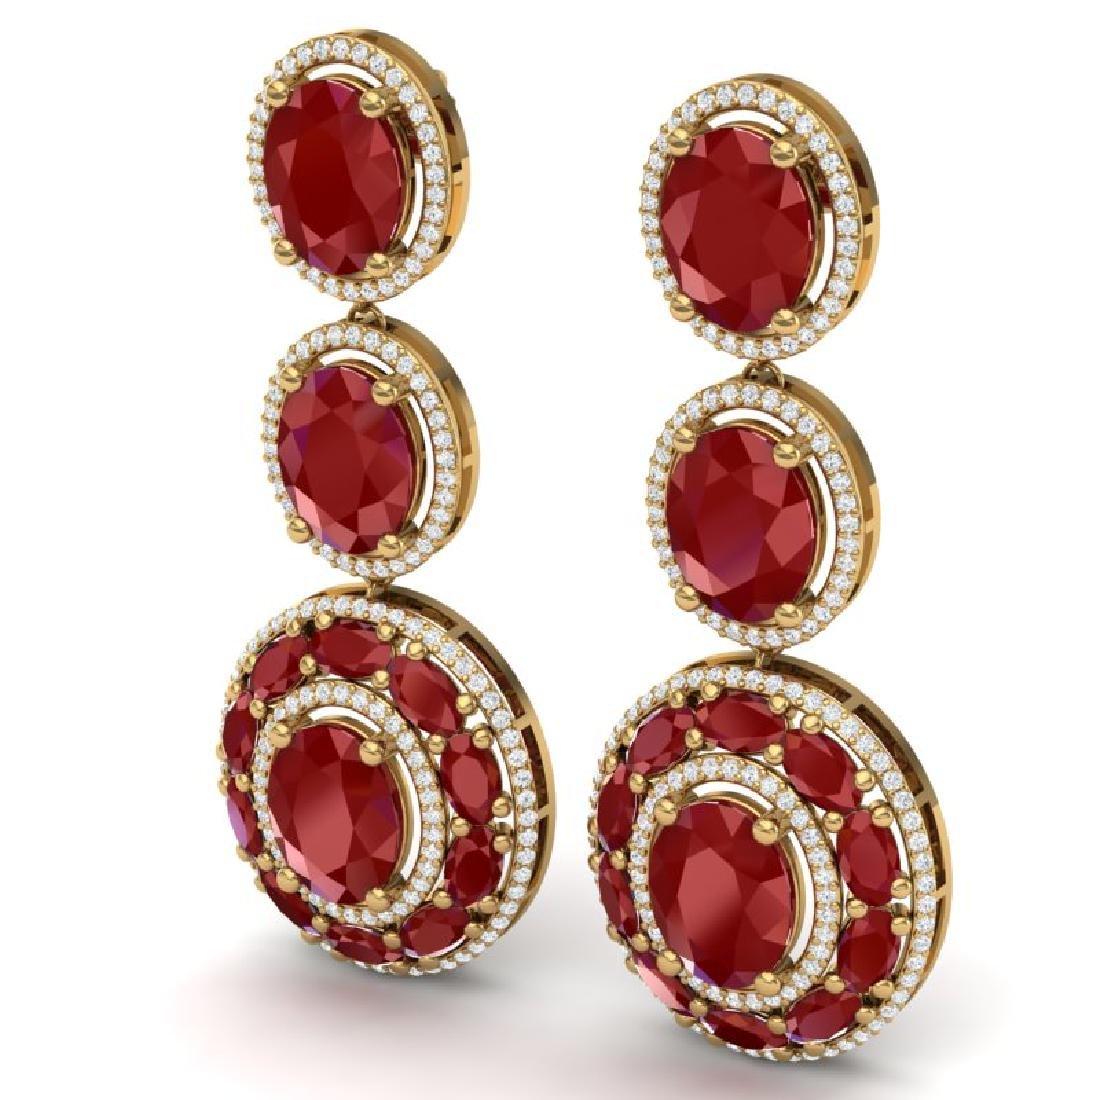 32.84 CTW Royalty Designer Ruby & VS Diamond Earrings - 2